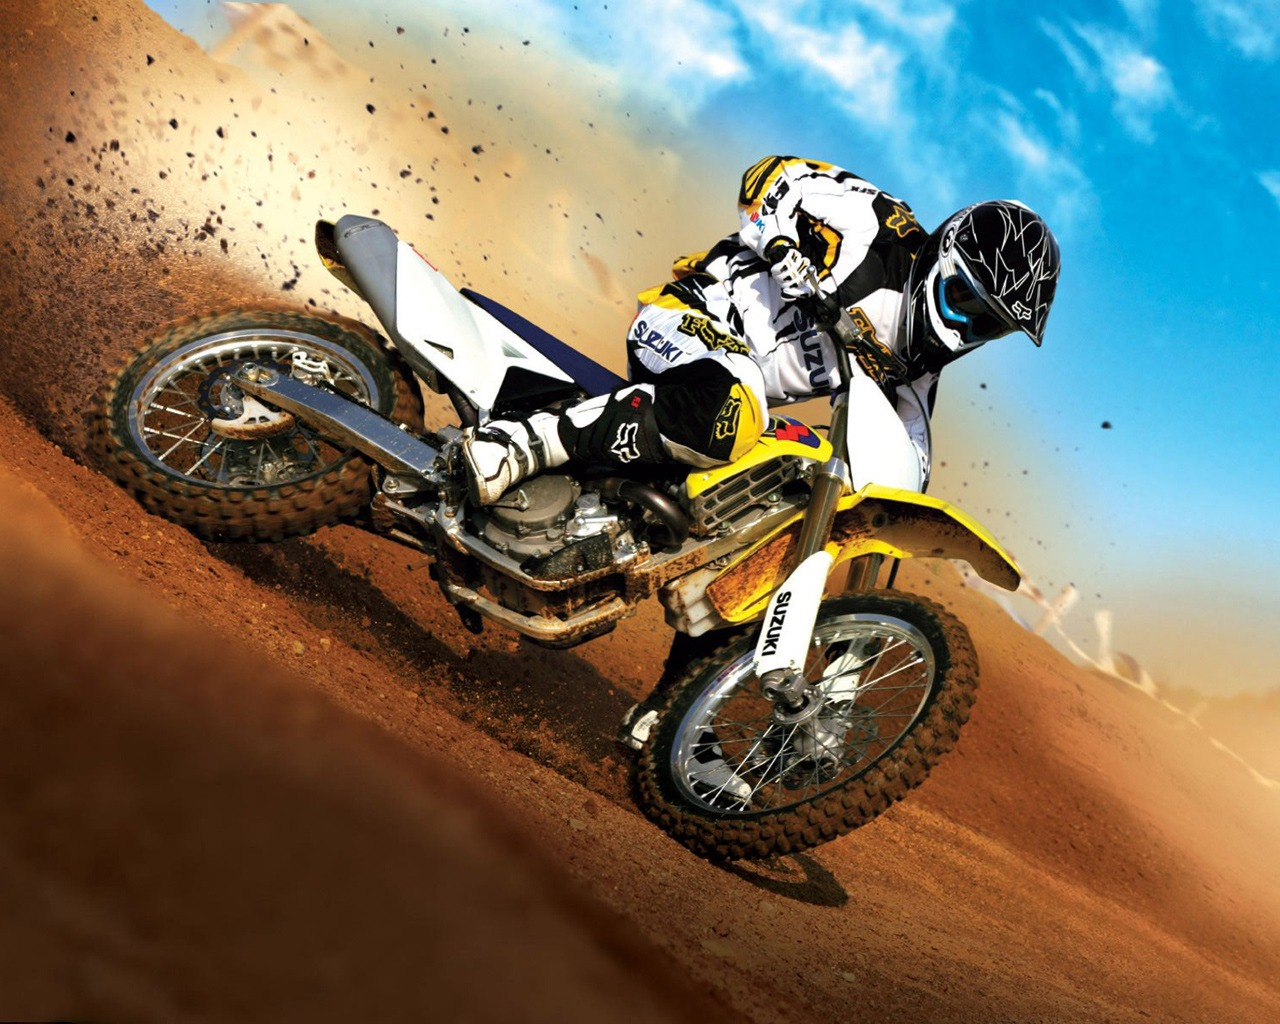 Технологии спорта. Мотоспорт